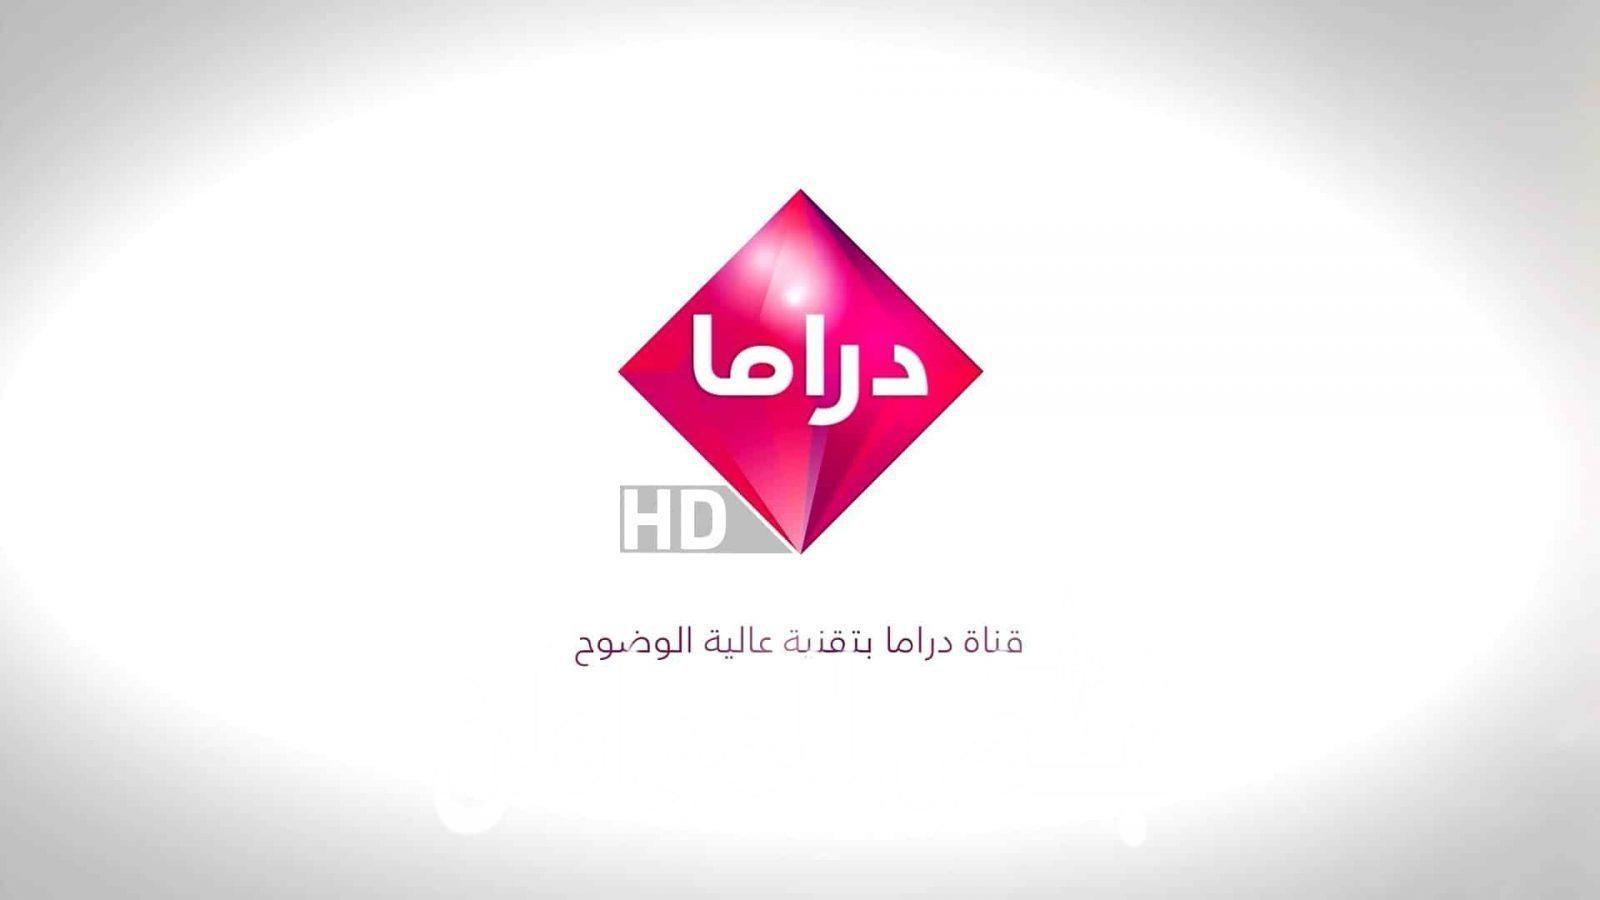 تردد قناة أبو ظبي دراما Abu Dhabi Drama على النايل سات صحيفة نبض المواطن